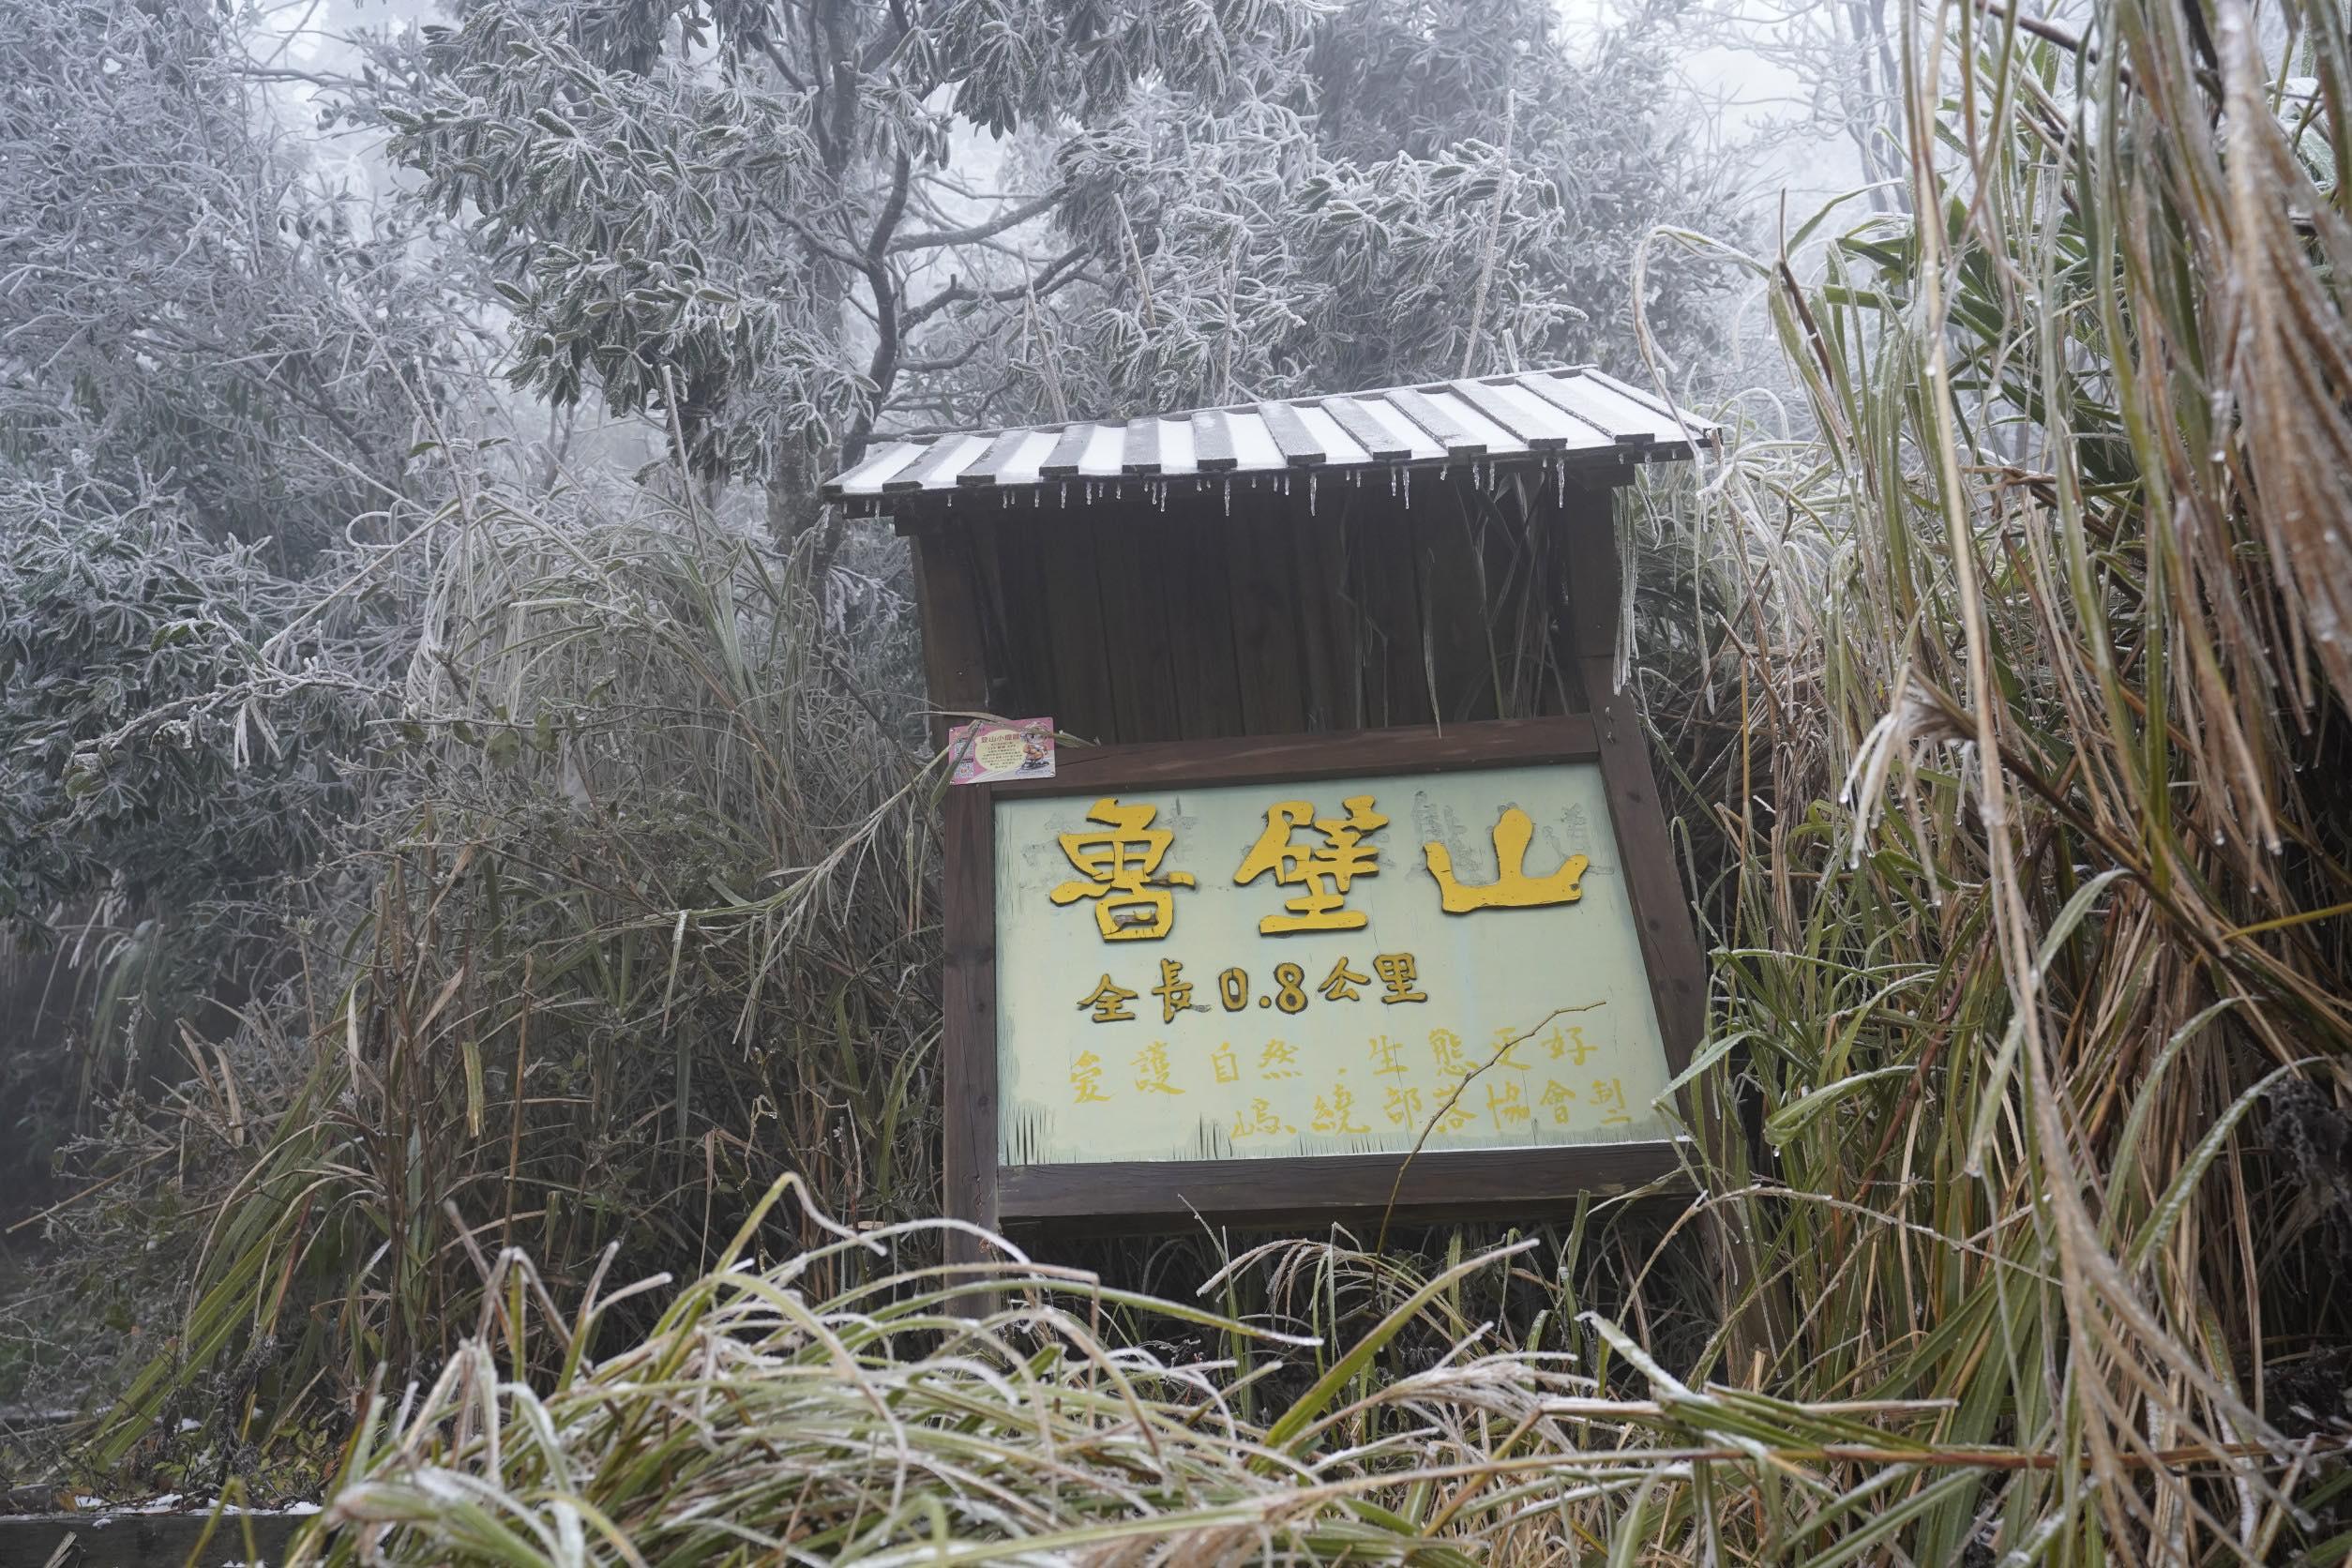 新竹尖石魯壁步道又下雪!放眼望去白皚皚的雪地超美,把握時機賞雪